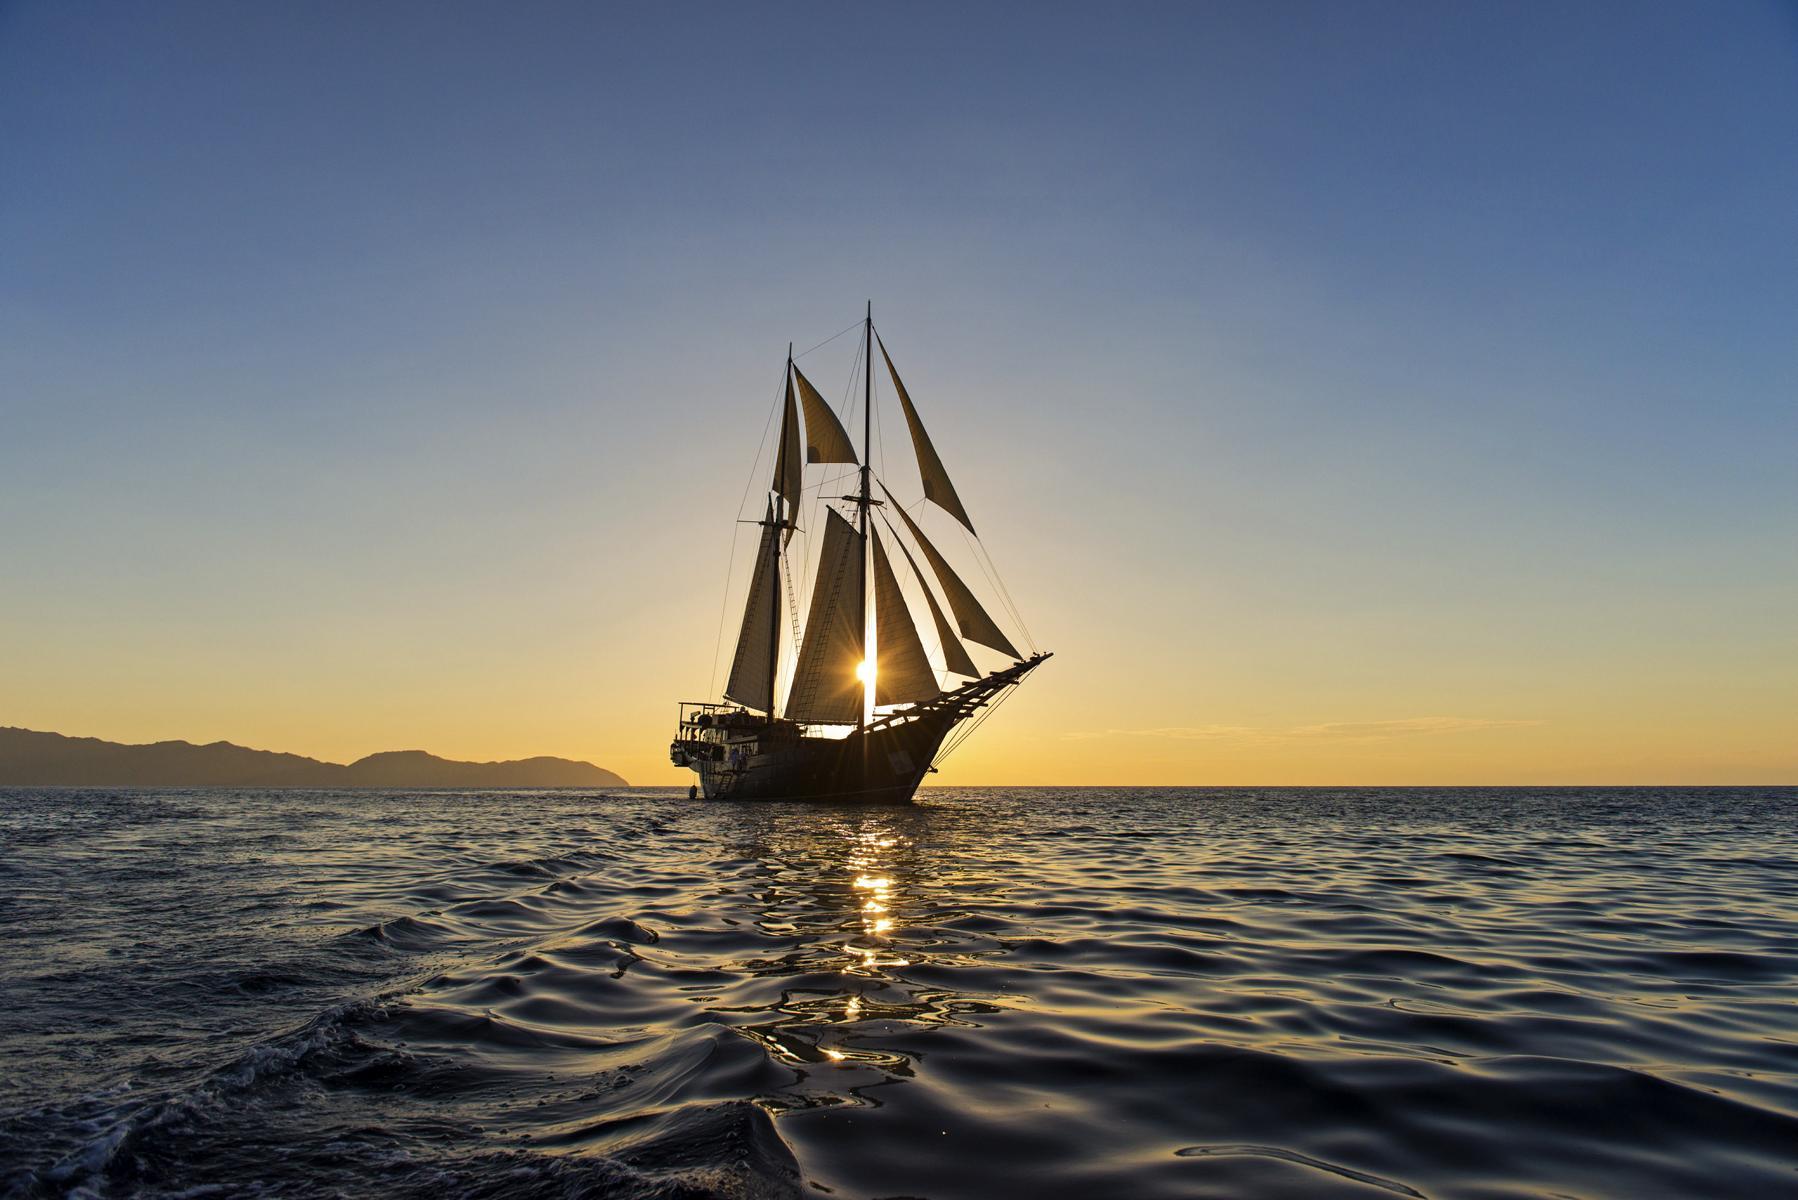 Das Segelschiff Amandira von Aman Cruises im Dämmerlicht auf offener See